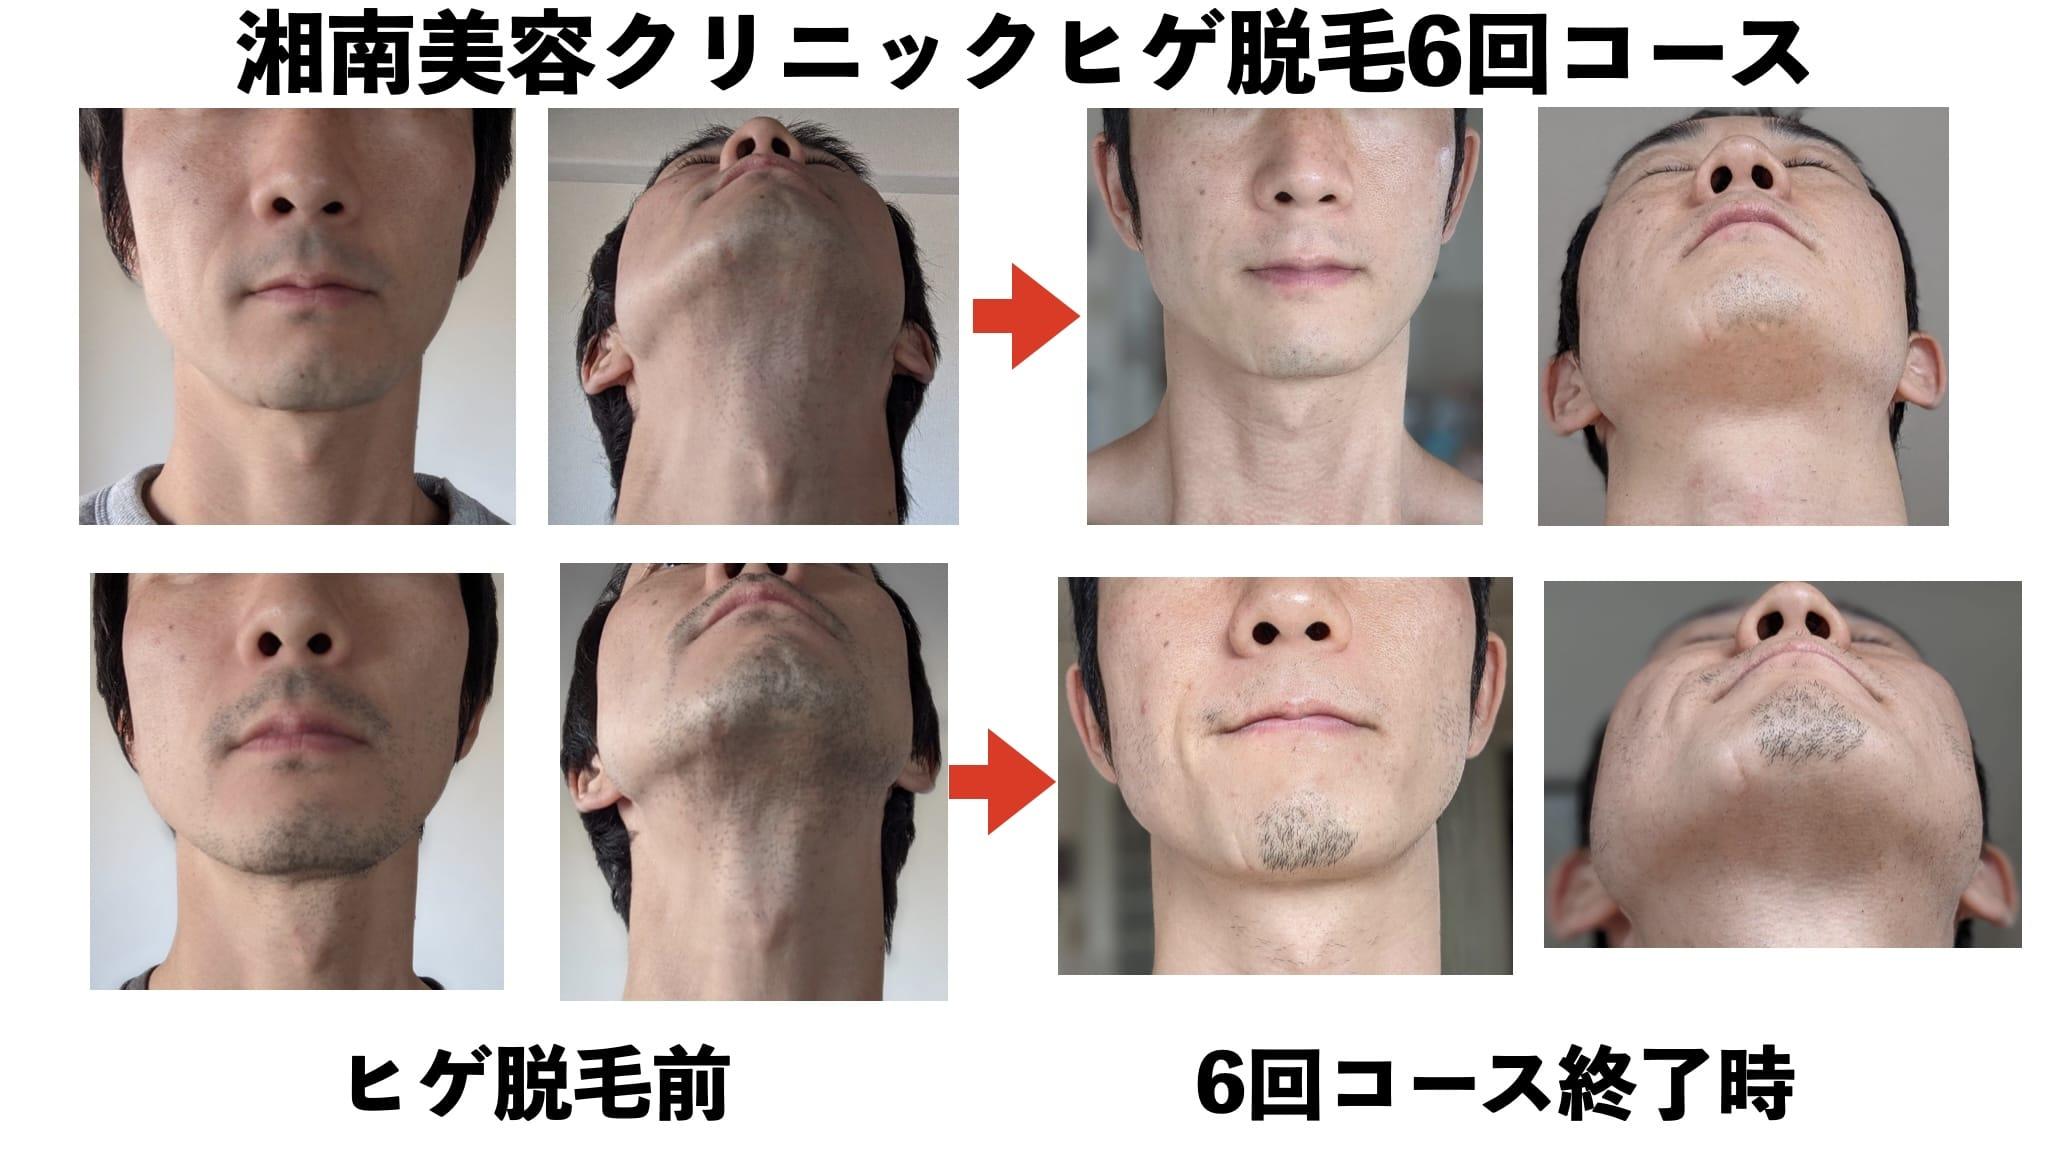 【写真多数】湘南美容クリニックの医療ヒゲ脱毛6回コースが終わったので効果を共有しますサムネイル画像